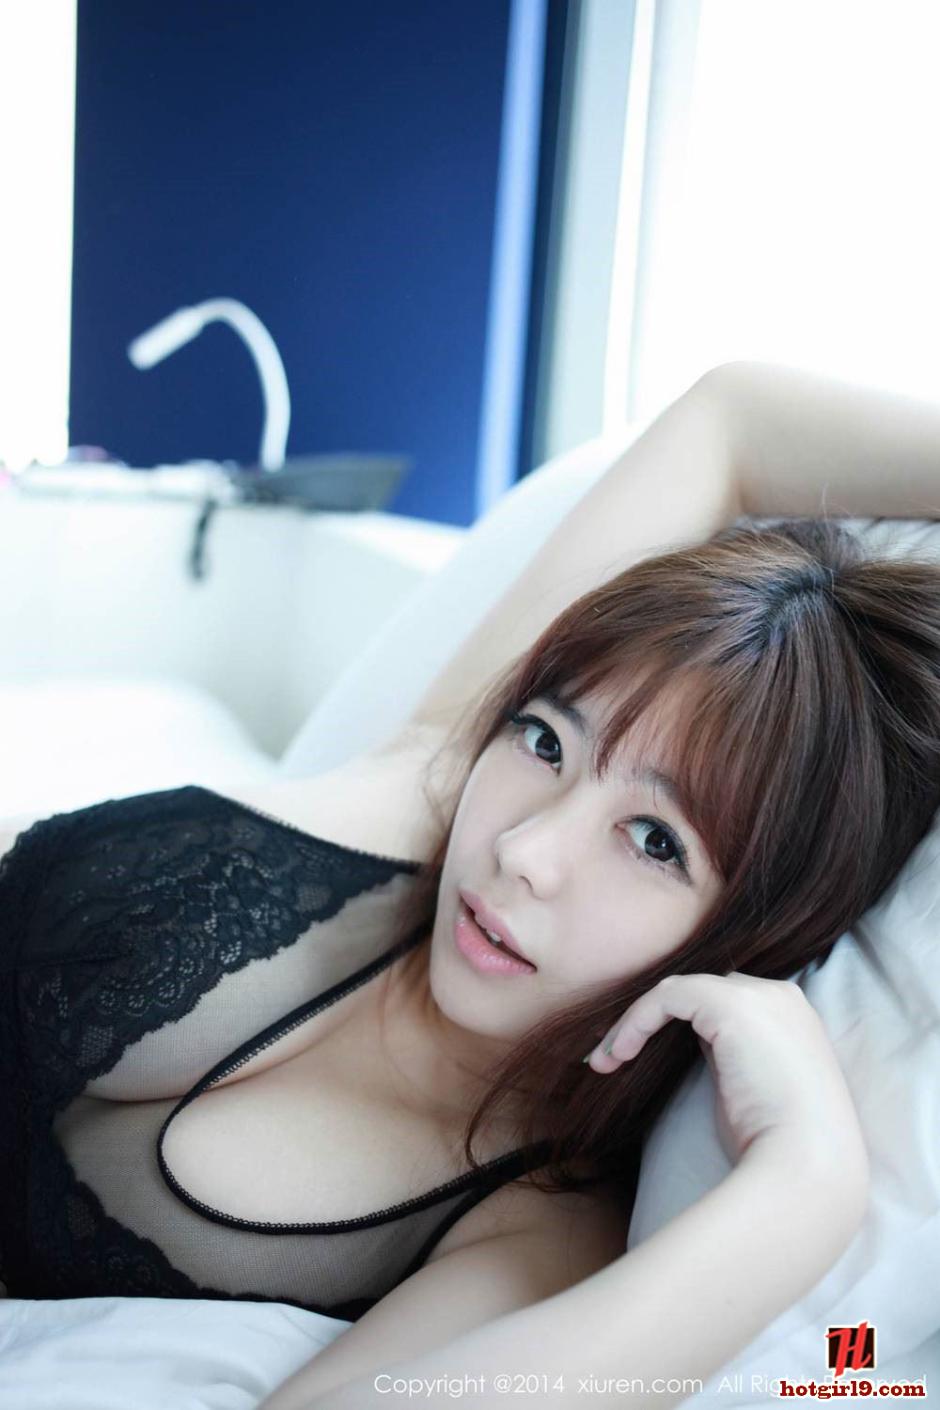 Thời trang khoe hàng mới của girl xinh ngực khủng